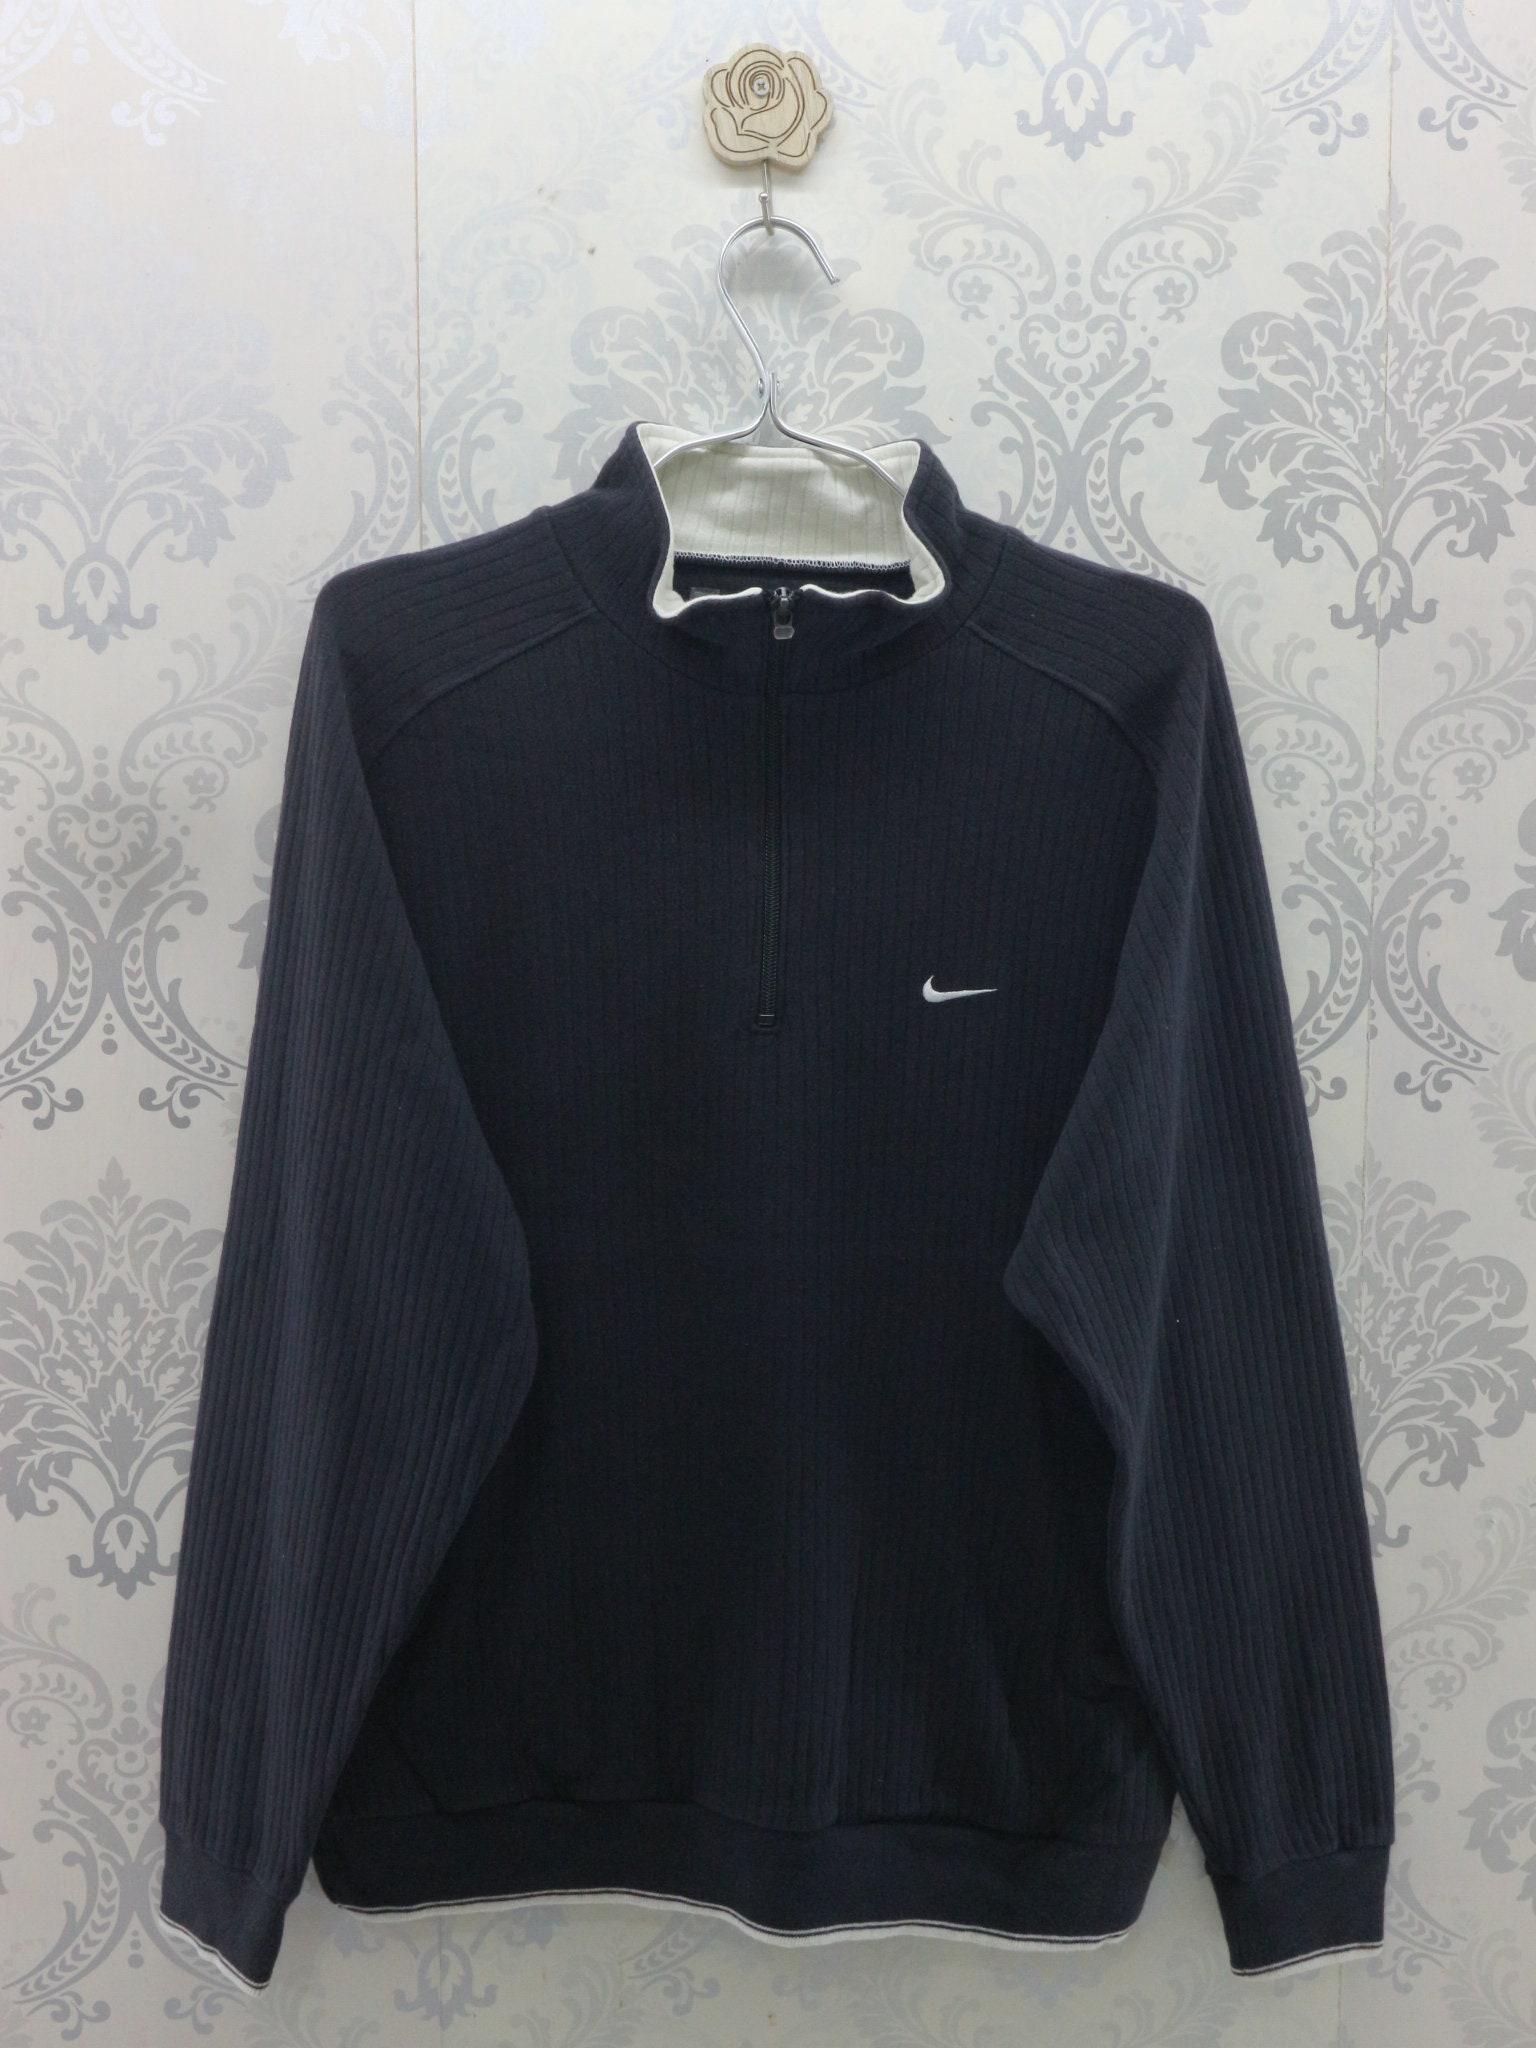 3cc978e950ebd Vintage Nike Sweatshirt Embroidery Logo Streetwear Sportswear Pullover Nike  Golf Sweater Size M